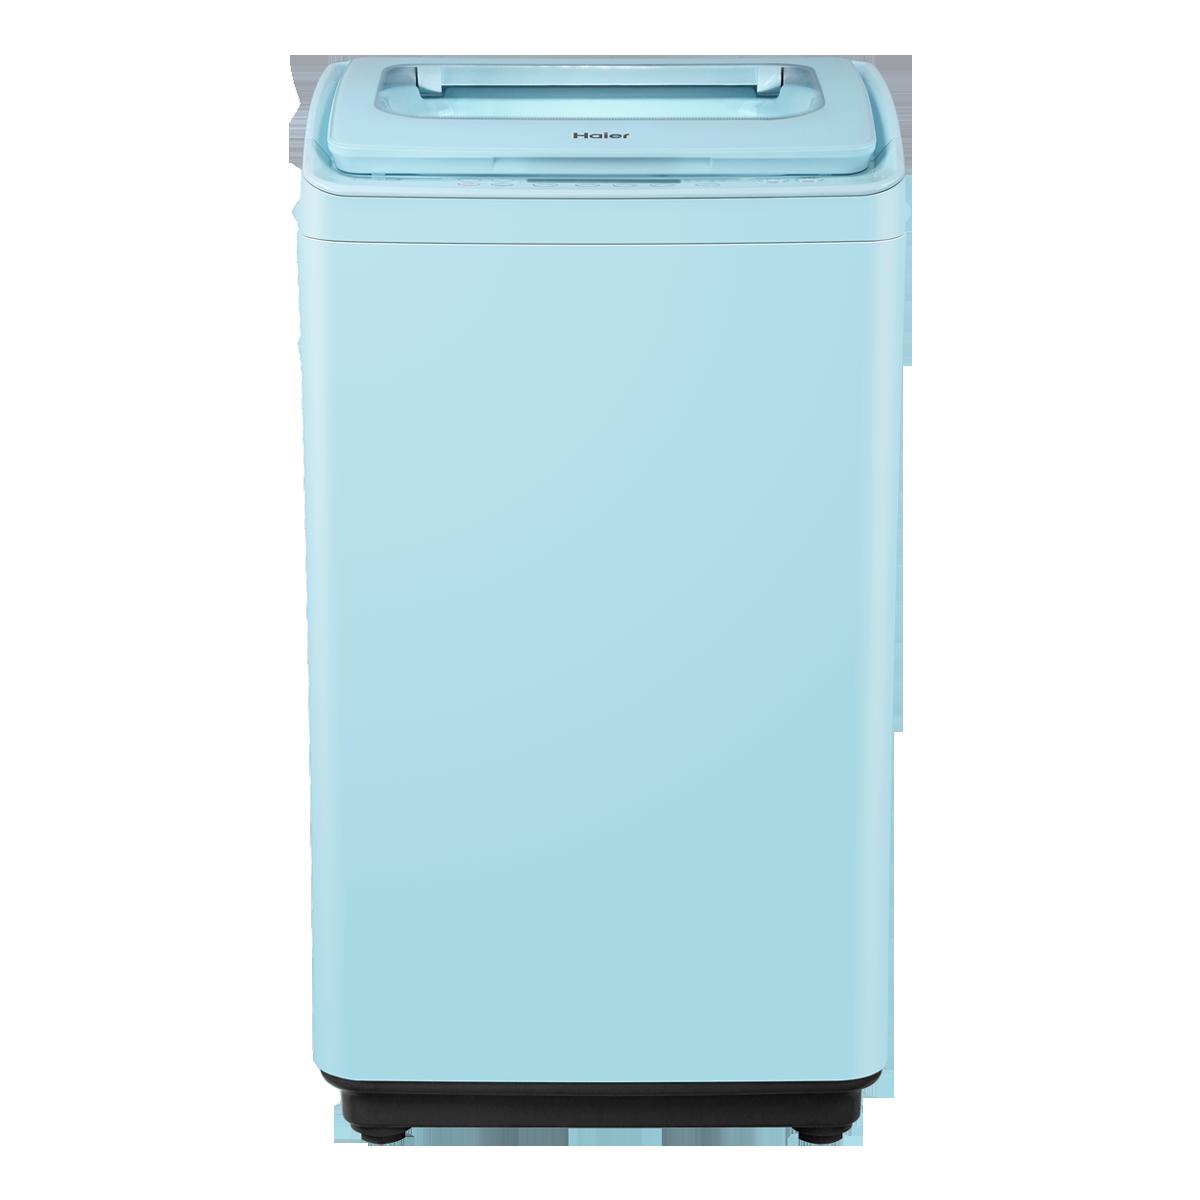 海尔Haier洗衣机 XQBM35-168B 说明书